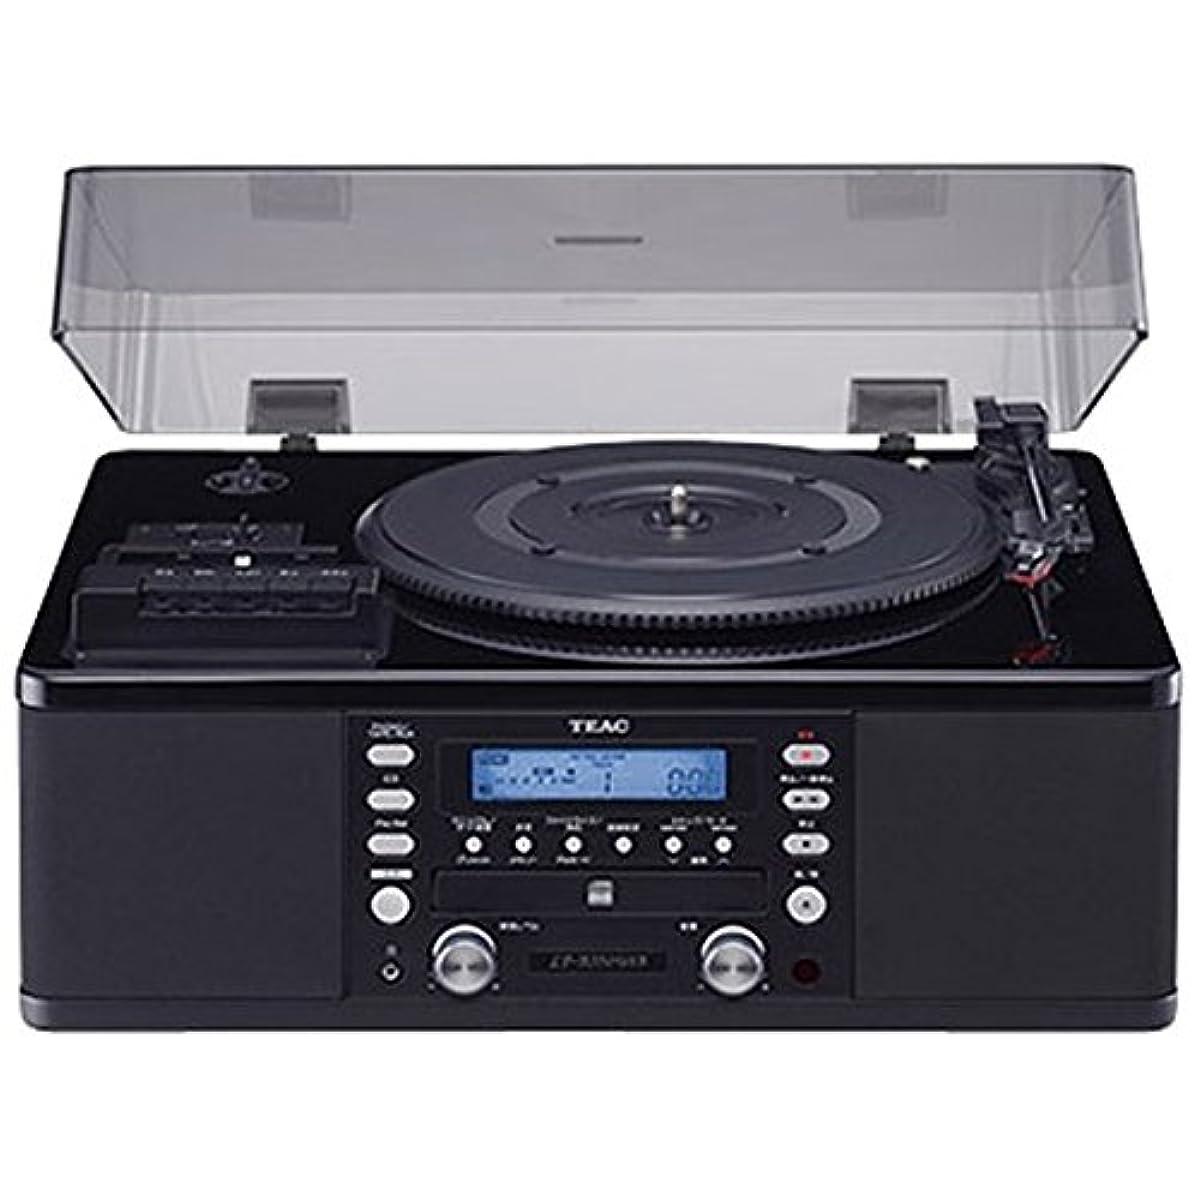 [해외] 티악(Teac)(TEAC) 턴 테이블/카세트 플레이어부CD레코더/레코드 플레이어 (피어노 블랙) LP-R550USB-P/PB